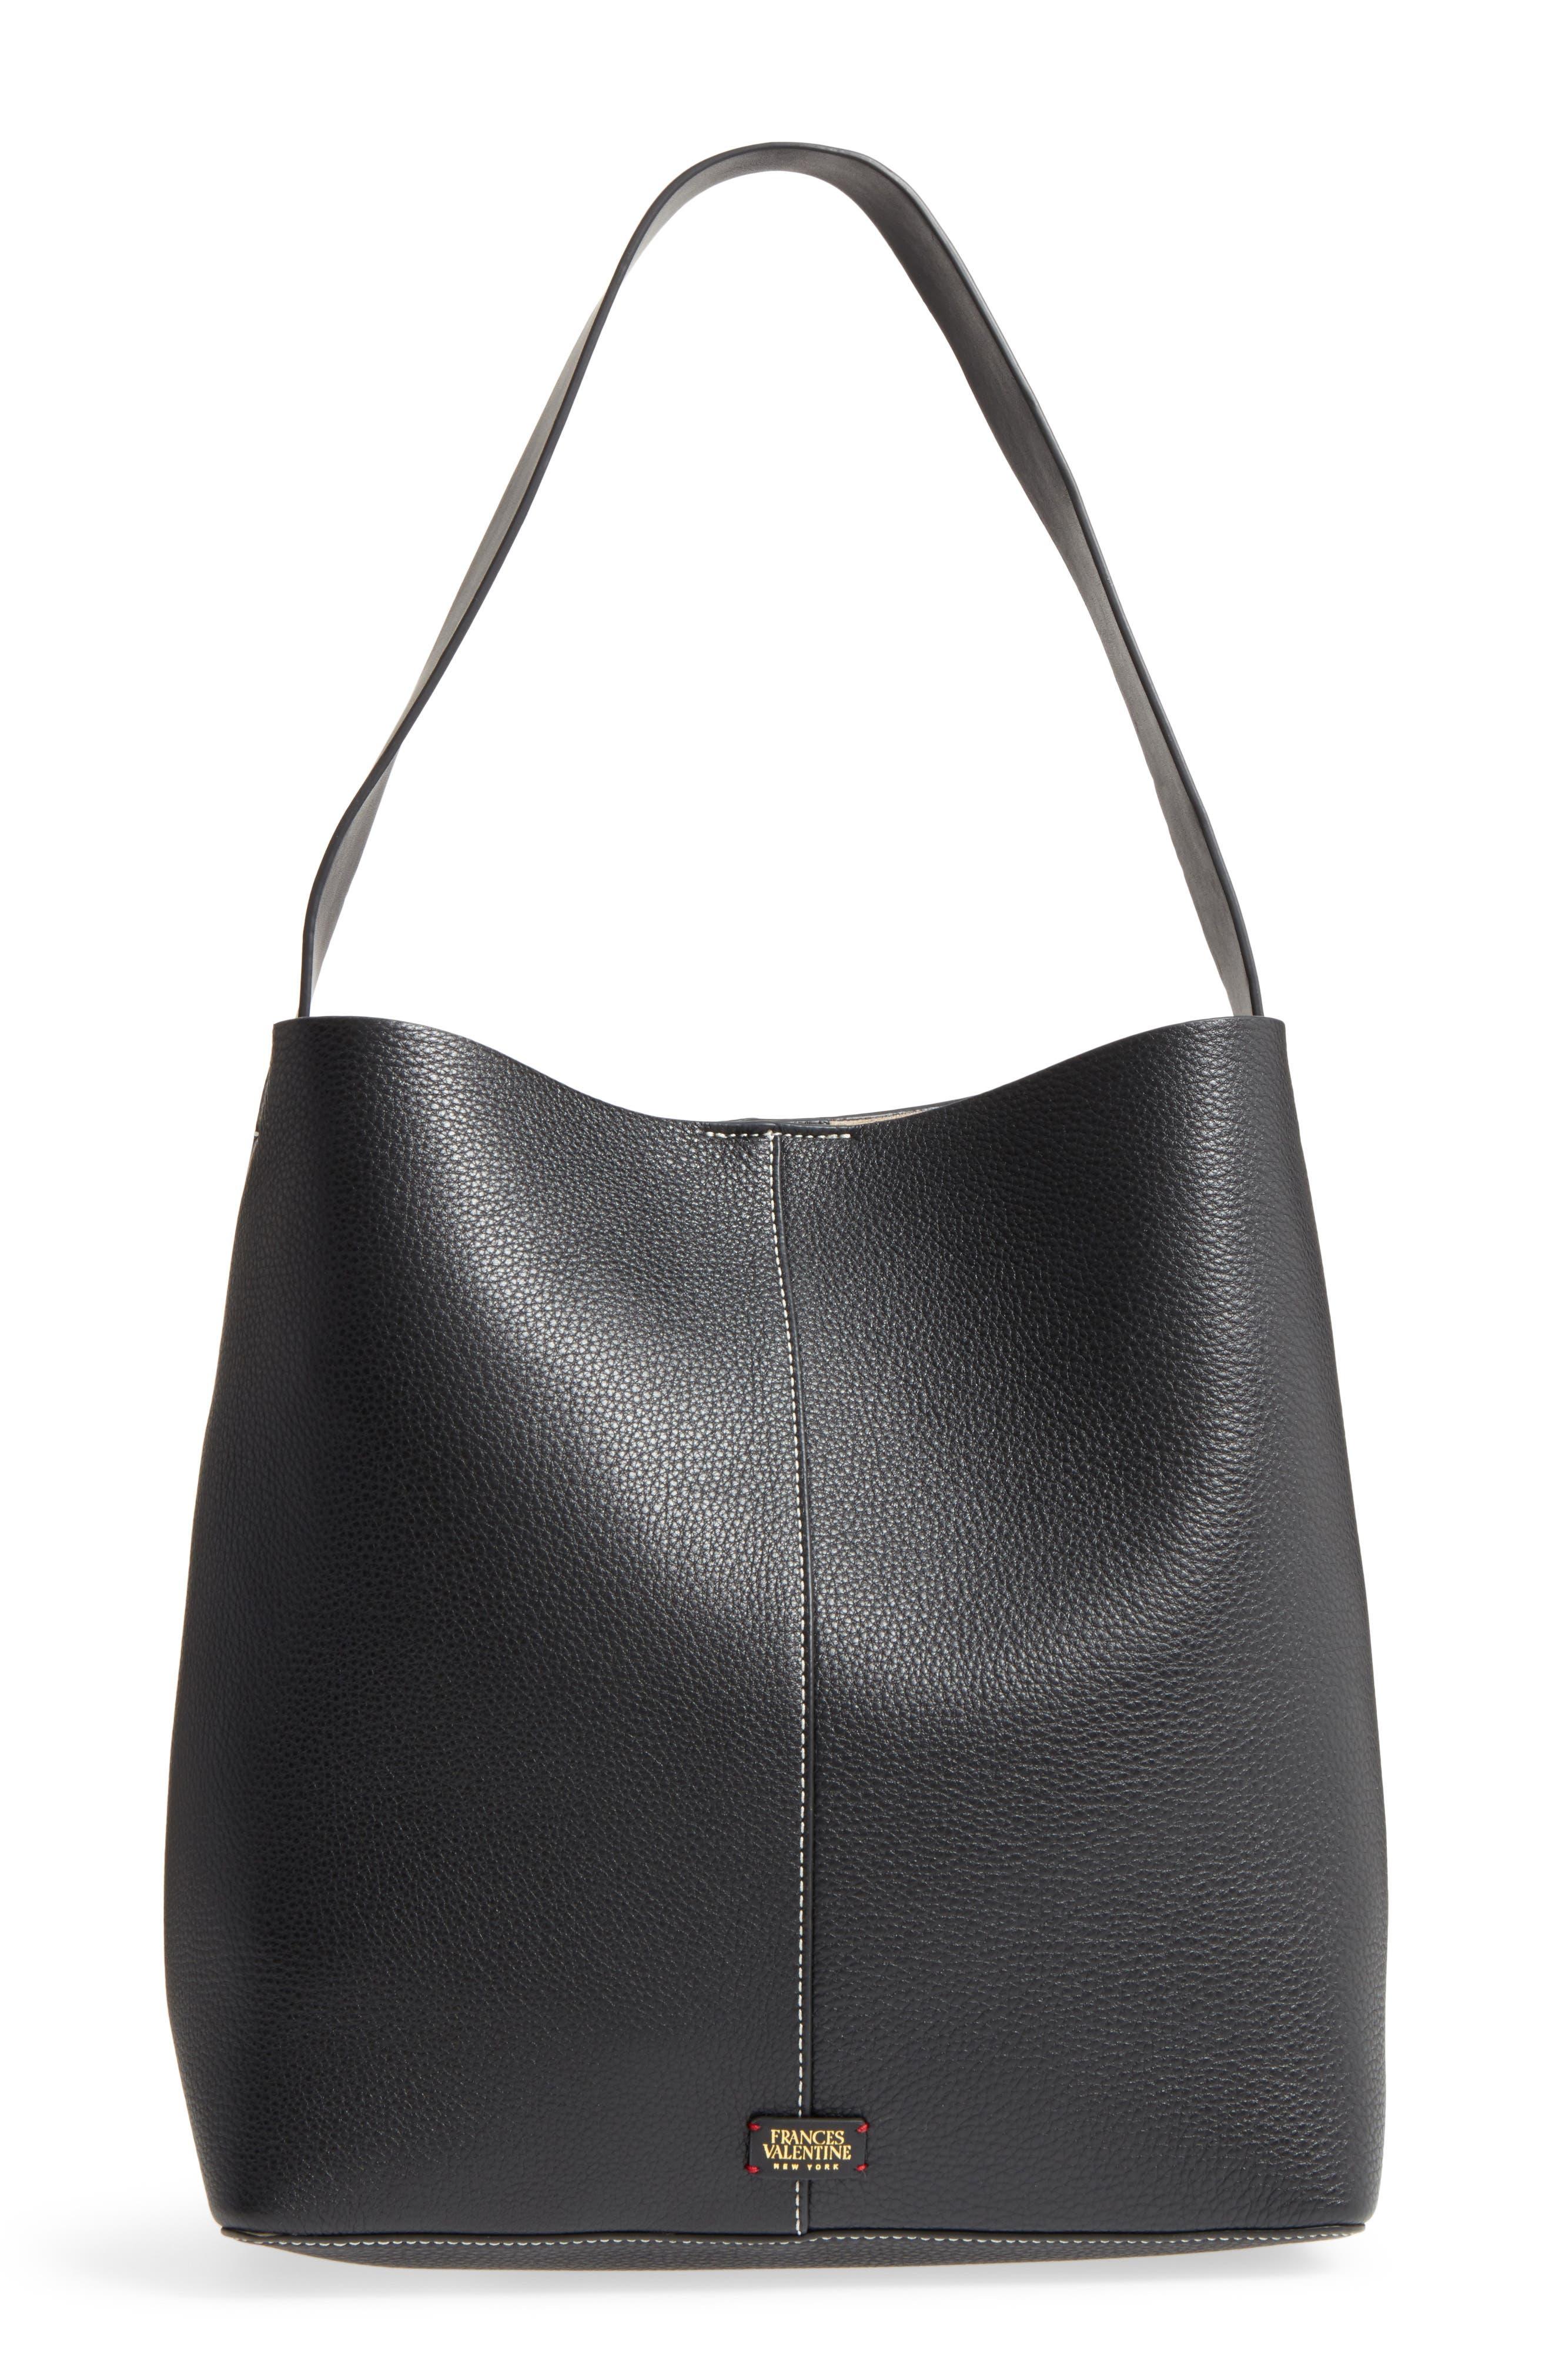 Frances Valentine Large Leather Shoulder Bag